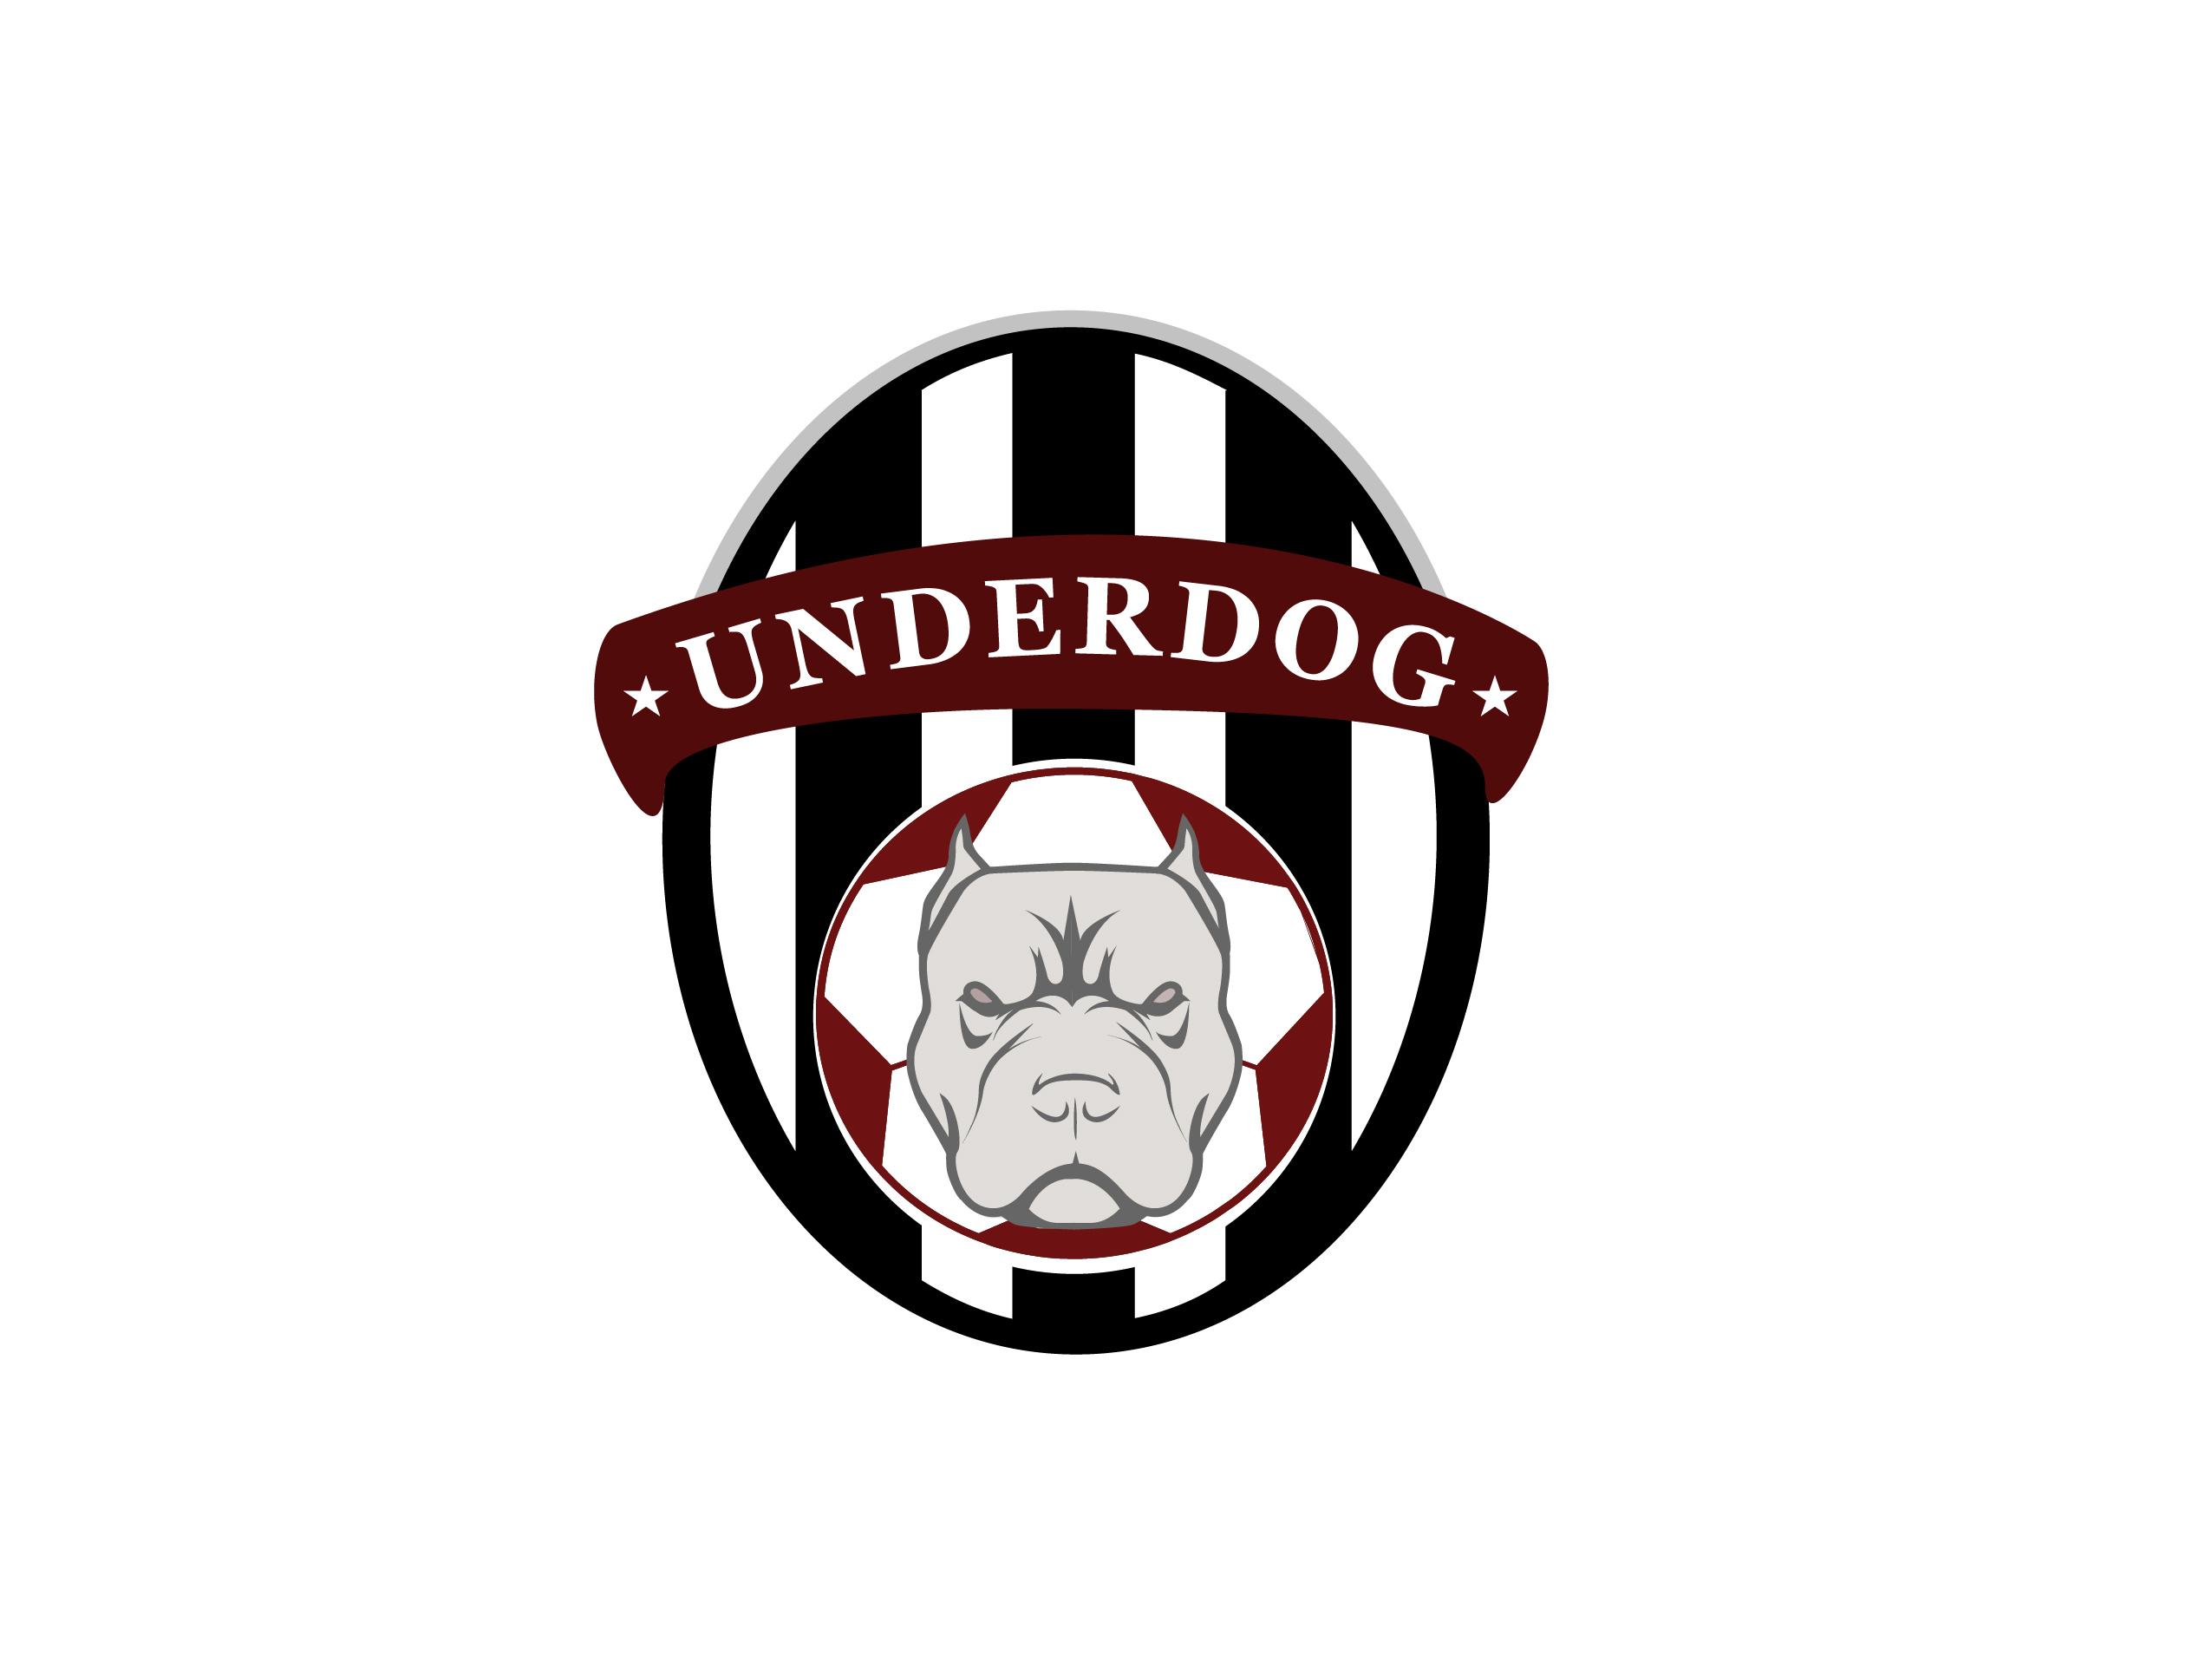 Футбольный клуб UNDERDOG - разработать фирстиль и бренд-бук фото f_7095caf8cc7d1421.jpg